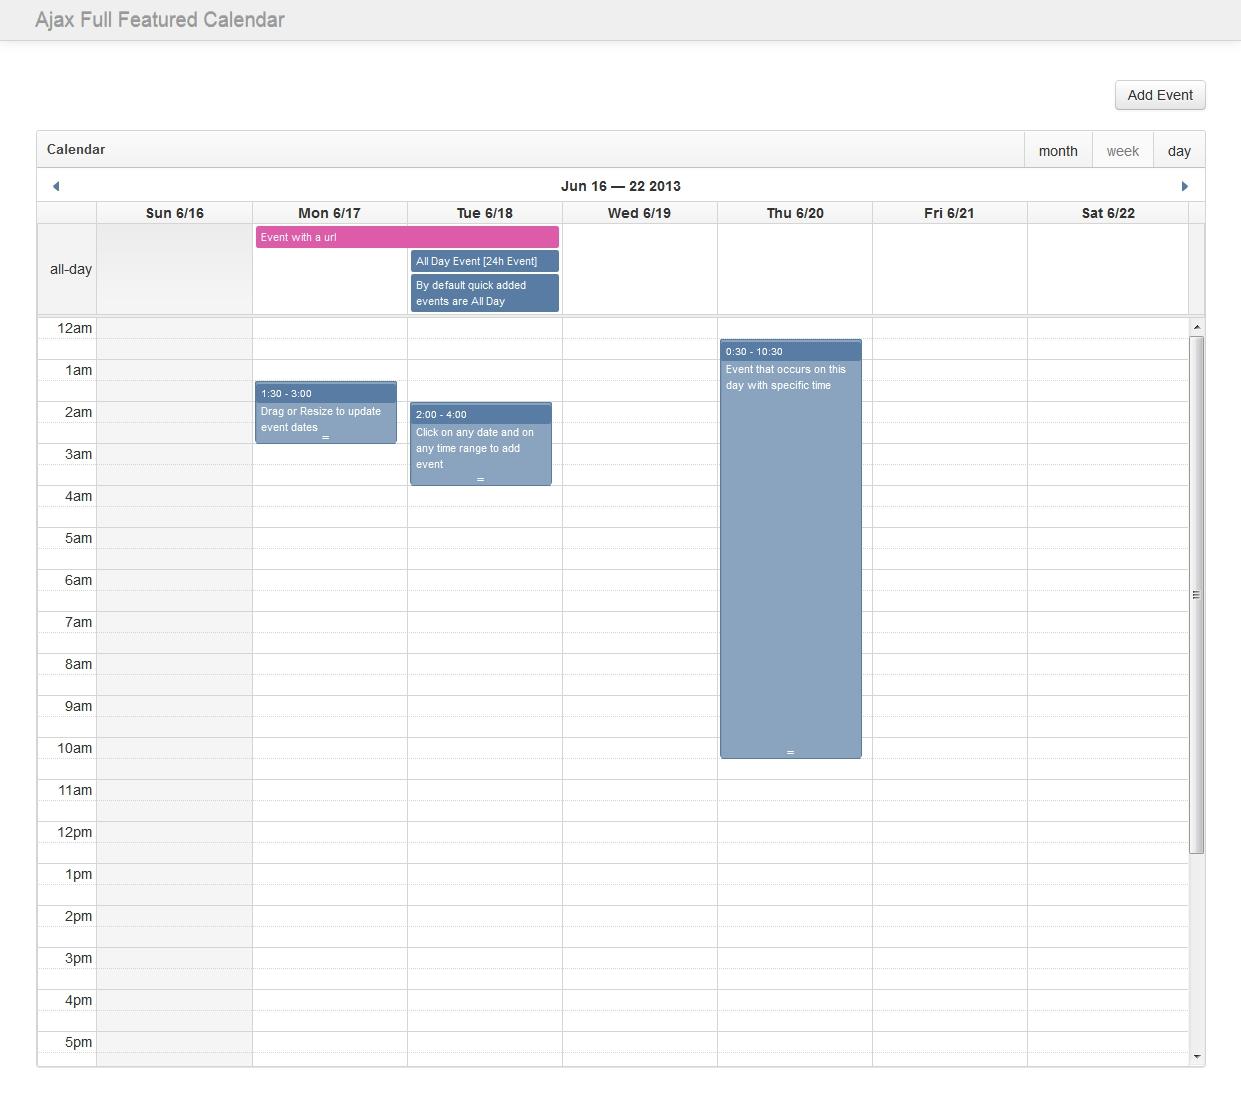 Ajax Full Featured Calendar By Pauloreg | Codecanyon Calendar Template Bootstrap 3